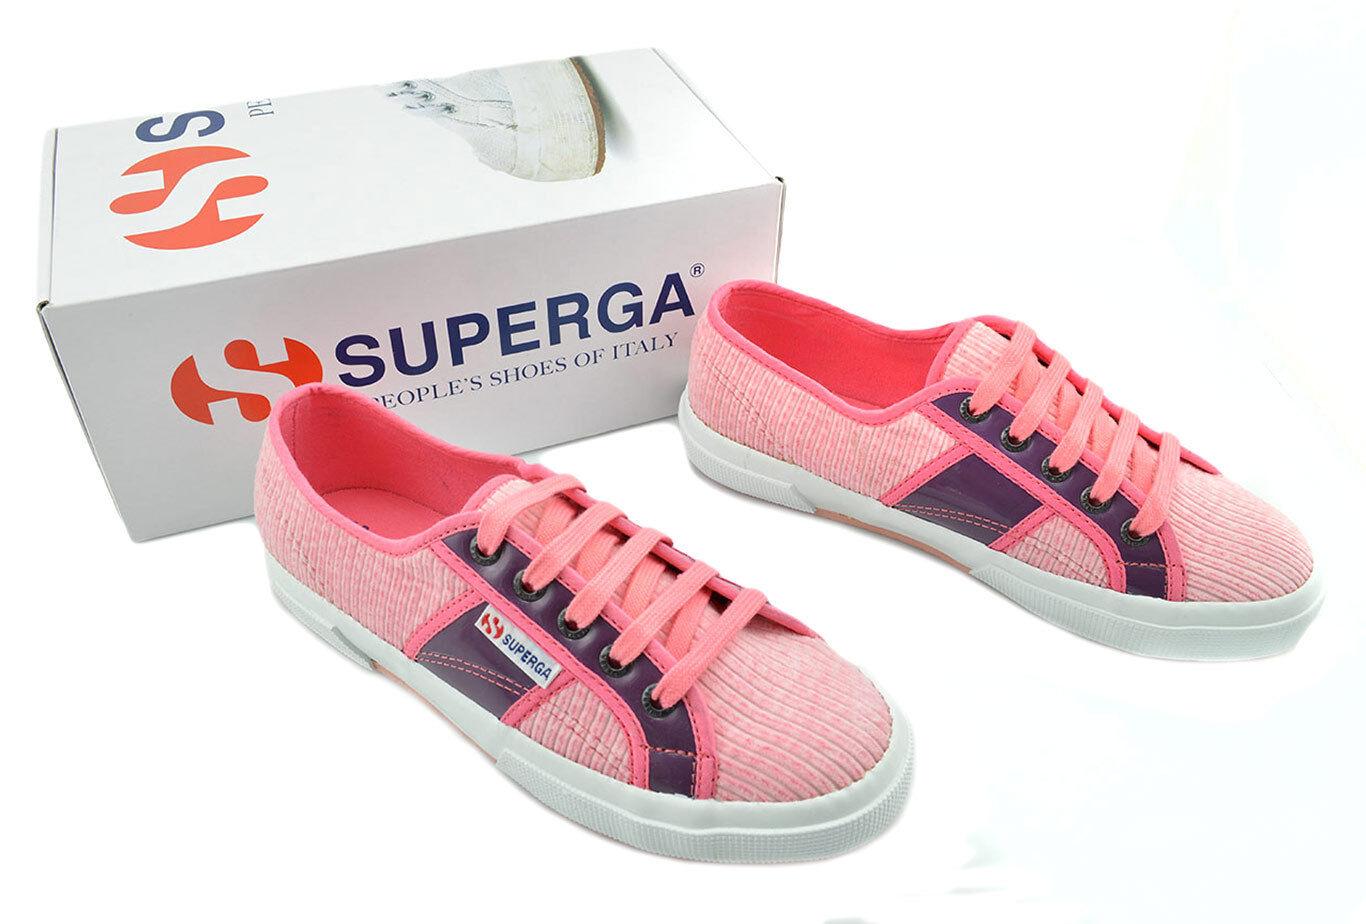 75 Cuero Púrpura De Pana rosado Superga Colección Zapatillas de mujer Zapatos Nueva Colección Superga d33072